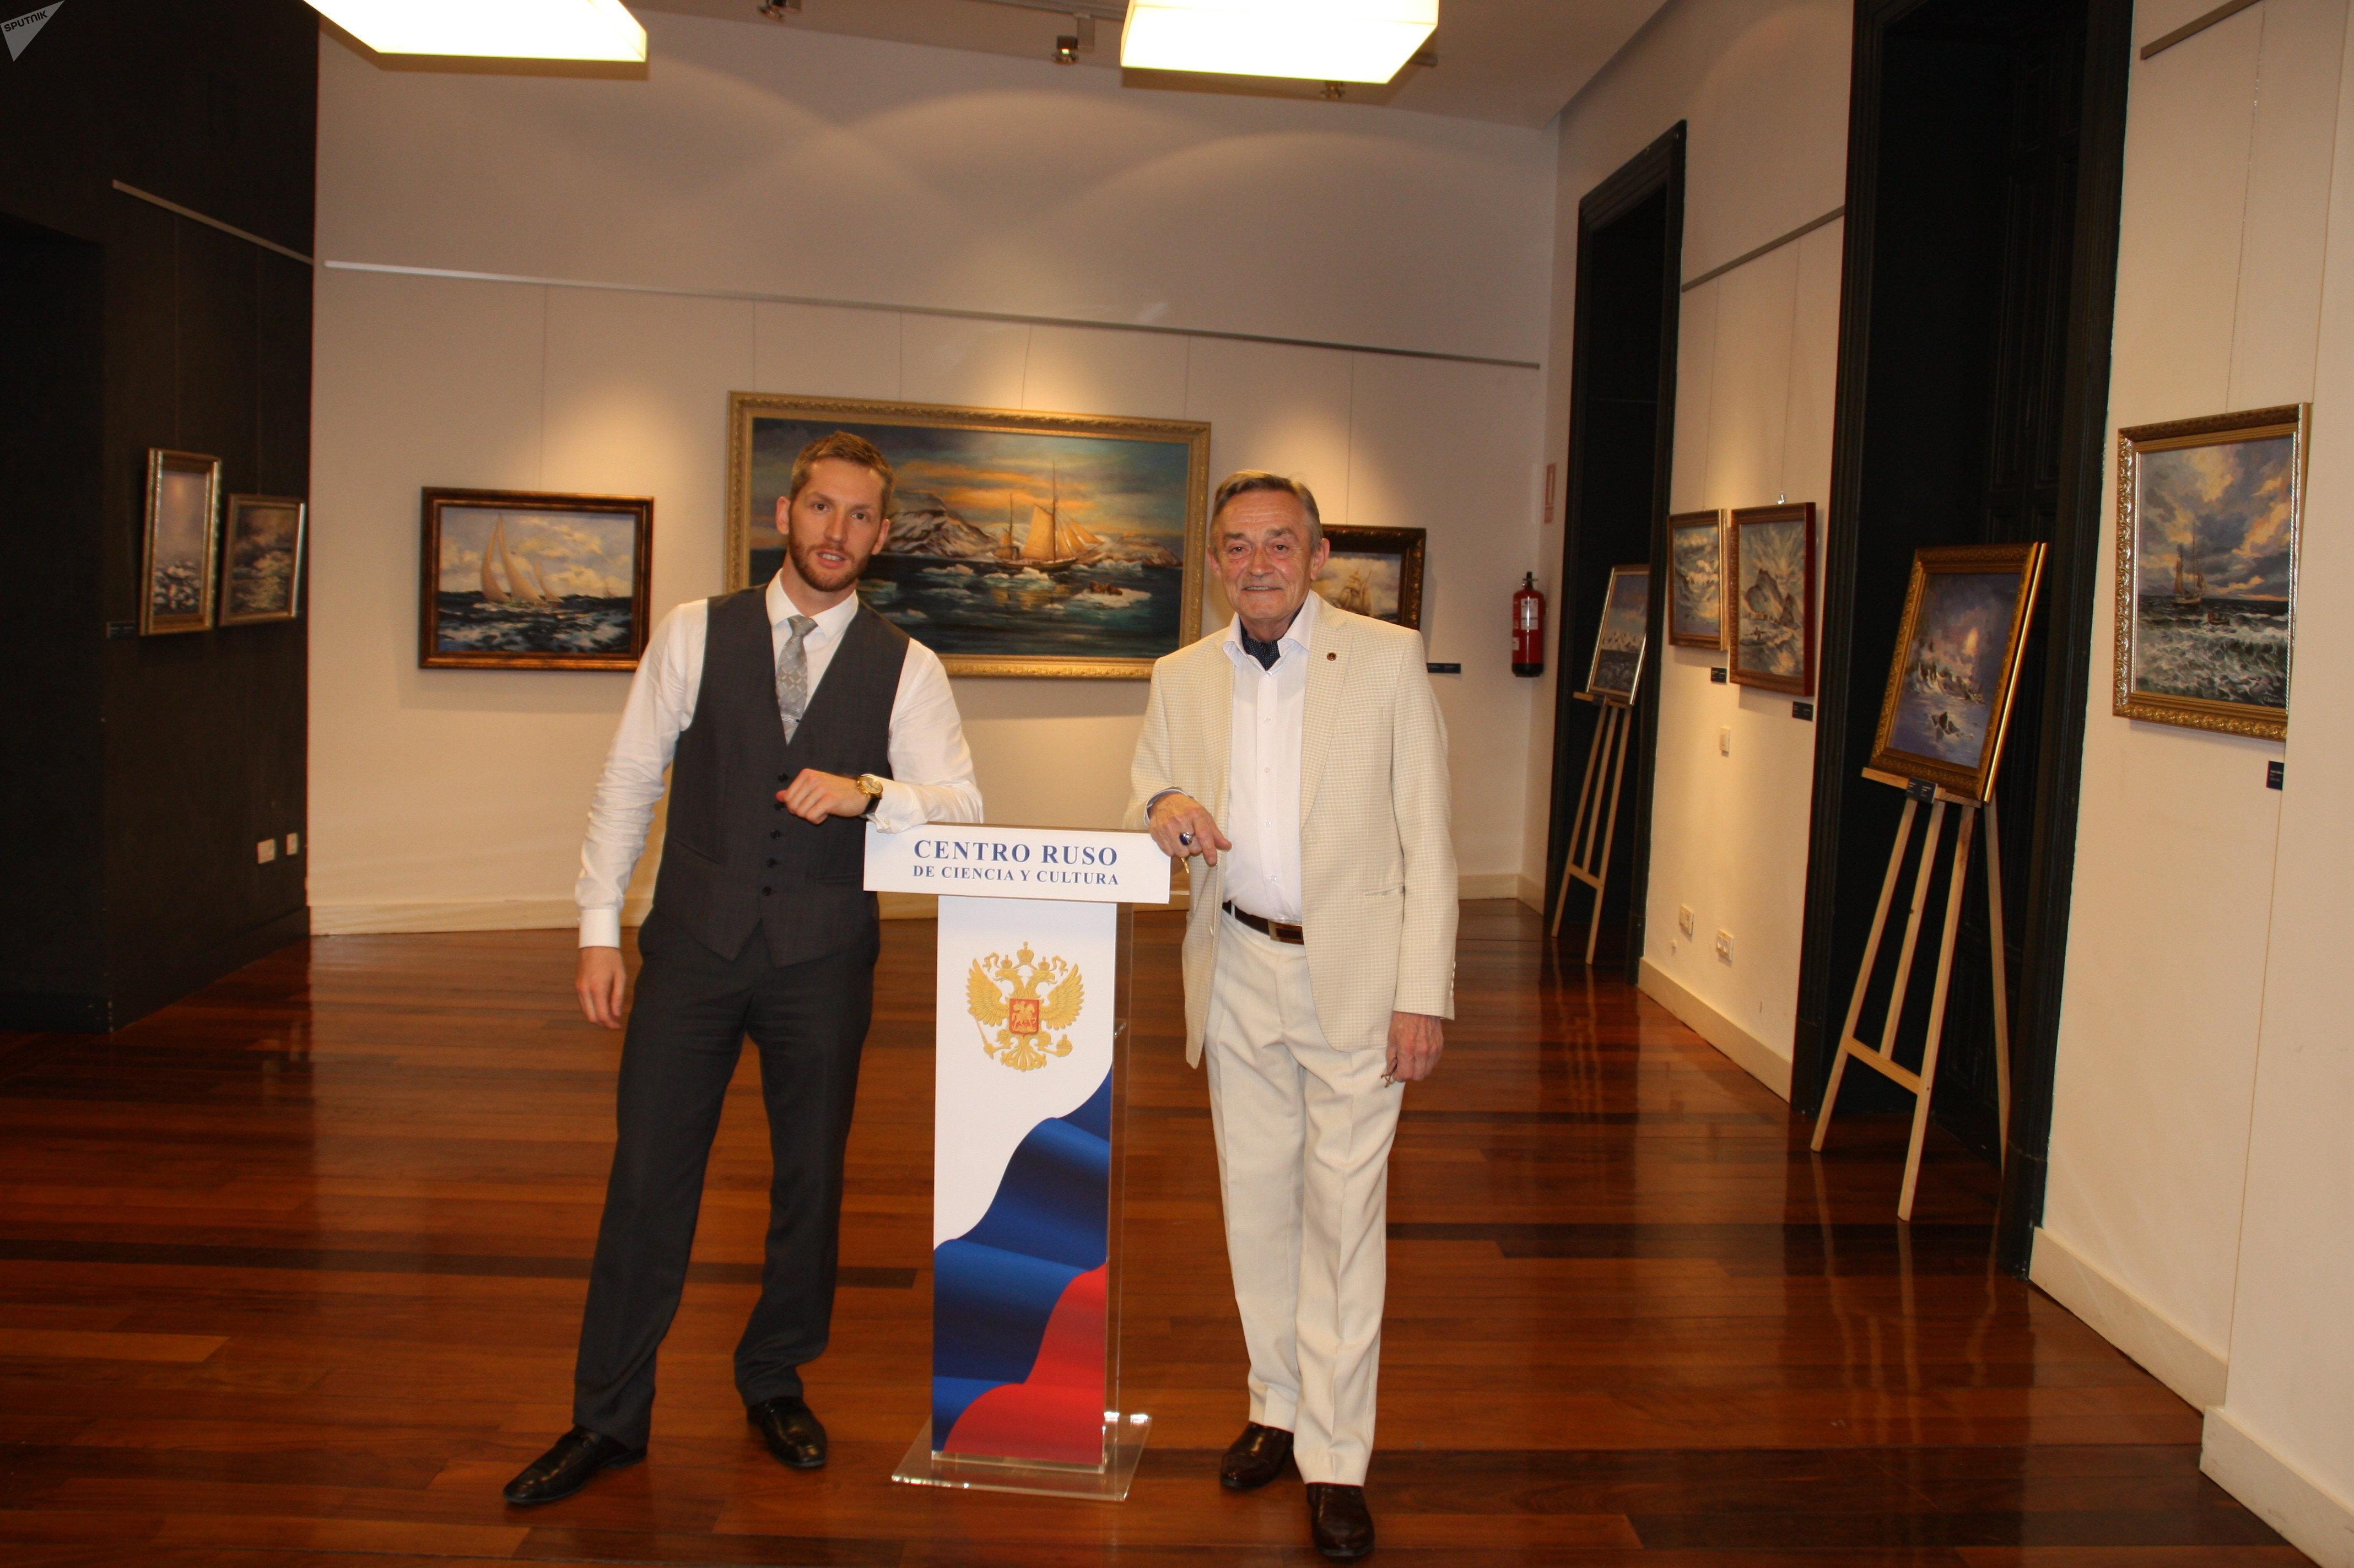 С художником-маринистом Сергеем Звягиным в выставочном зале РЦНК в Мадриде